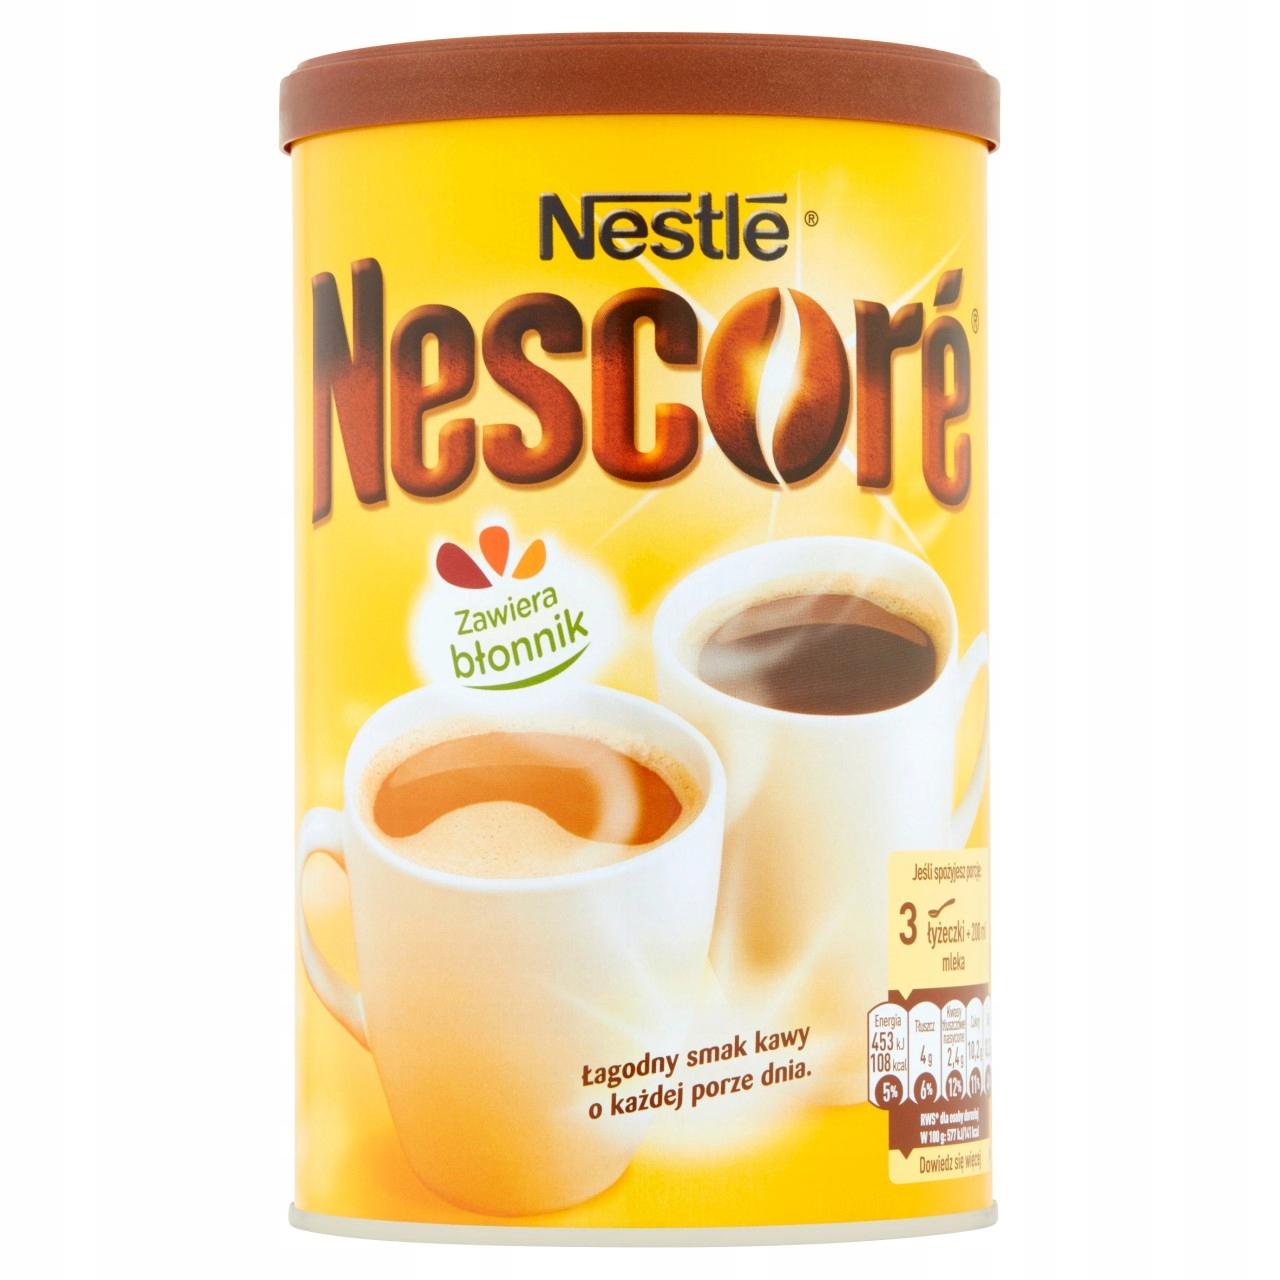 Купить Nescoré Кофе с oligofruktozą и лошадей 260 г на Otpravka - цены и фото - доставка из Польши и стран Европы в Украину.